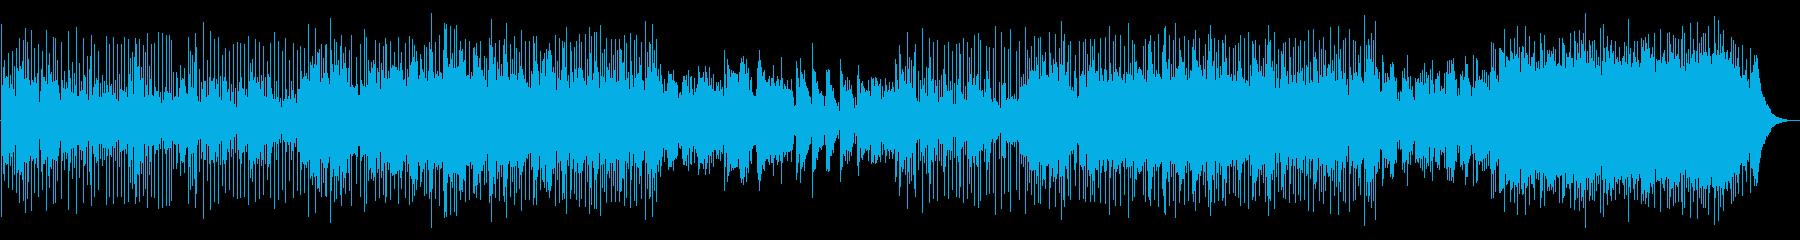 ギターとピアノが爽やかなリゾートBGMの再生済みの波形